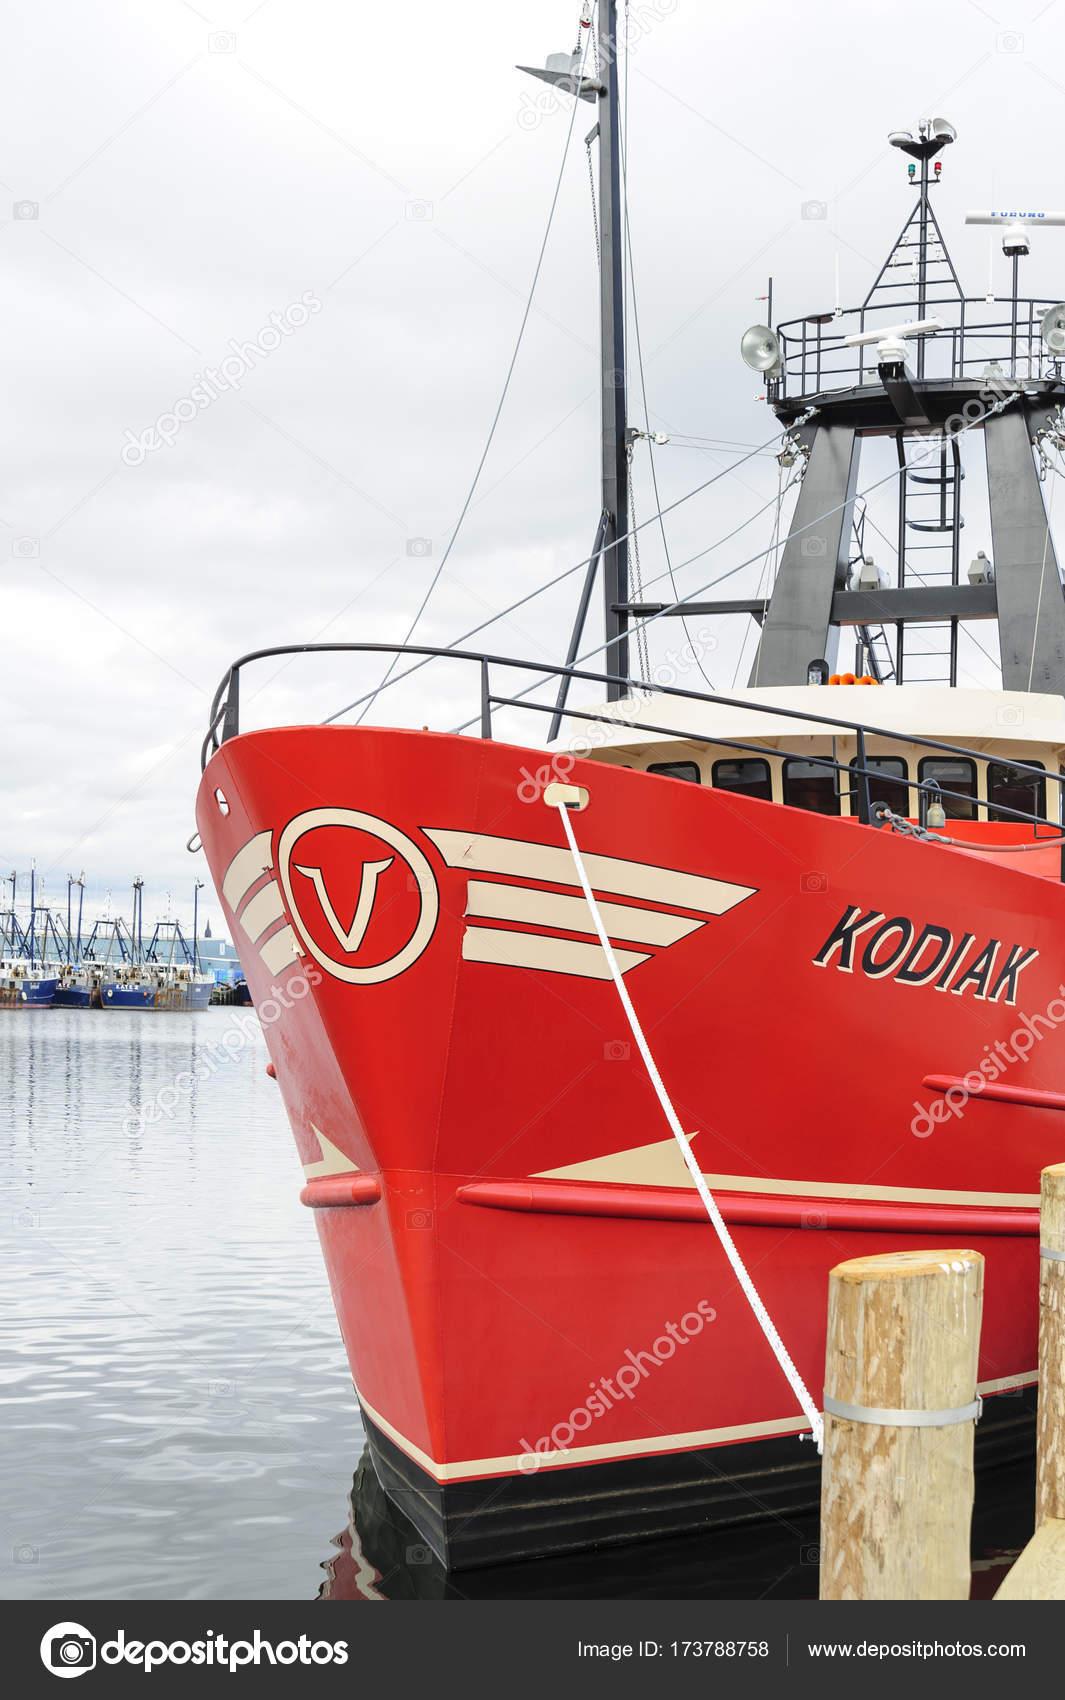 Commercial fishing vessel kodiak stock photo vinoverde for Mass commercial fishing license